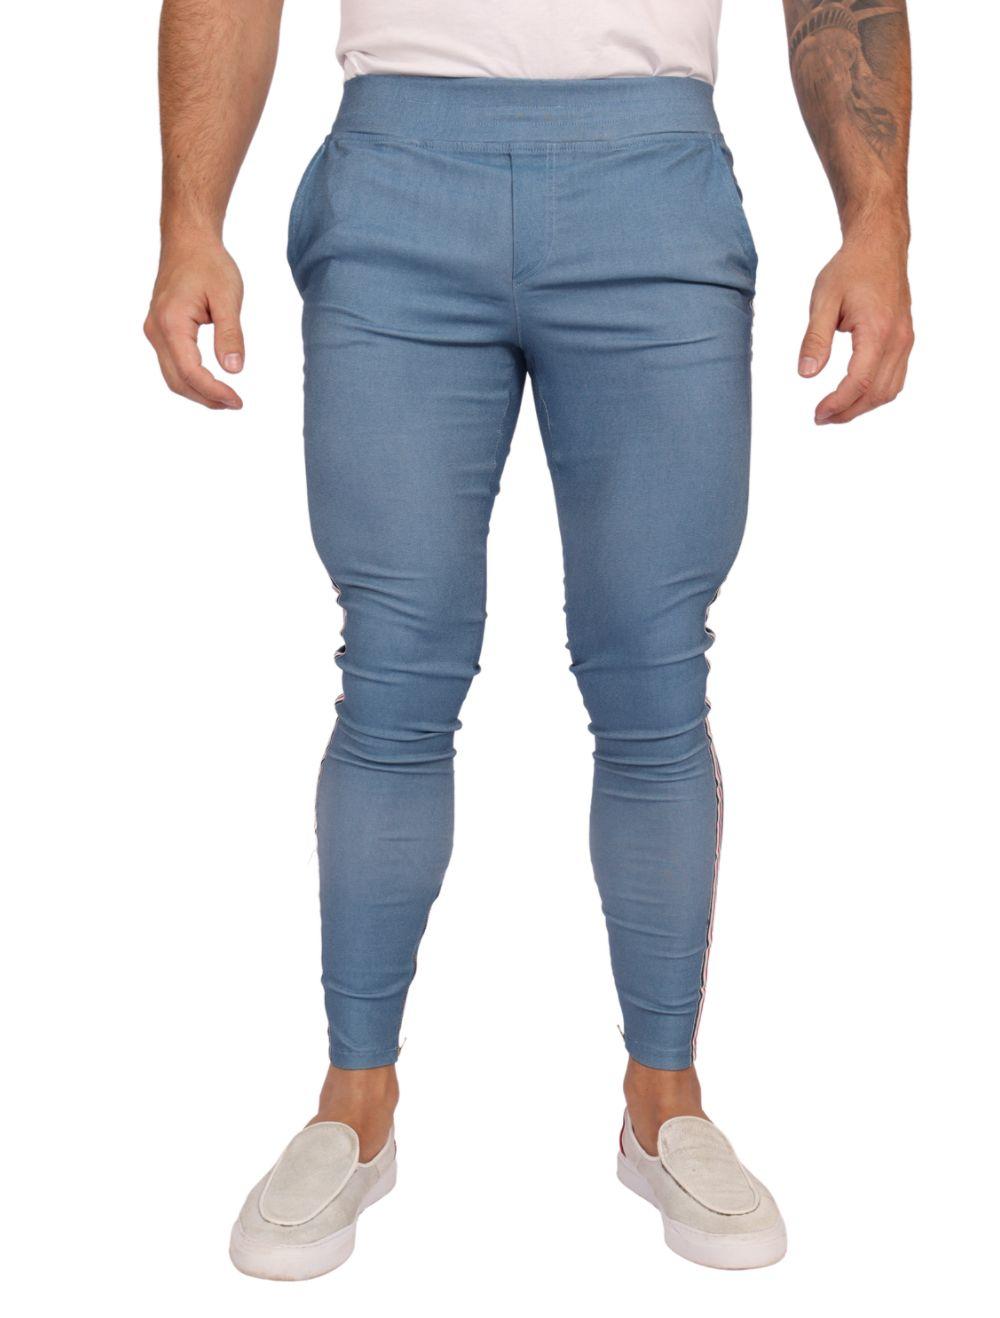 Calça Masculina Super Skinny Azul